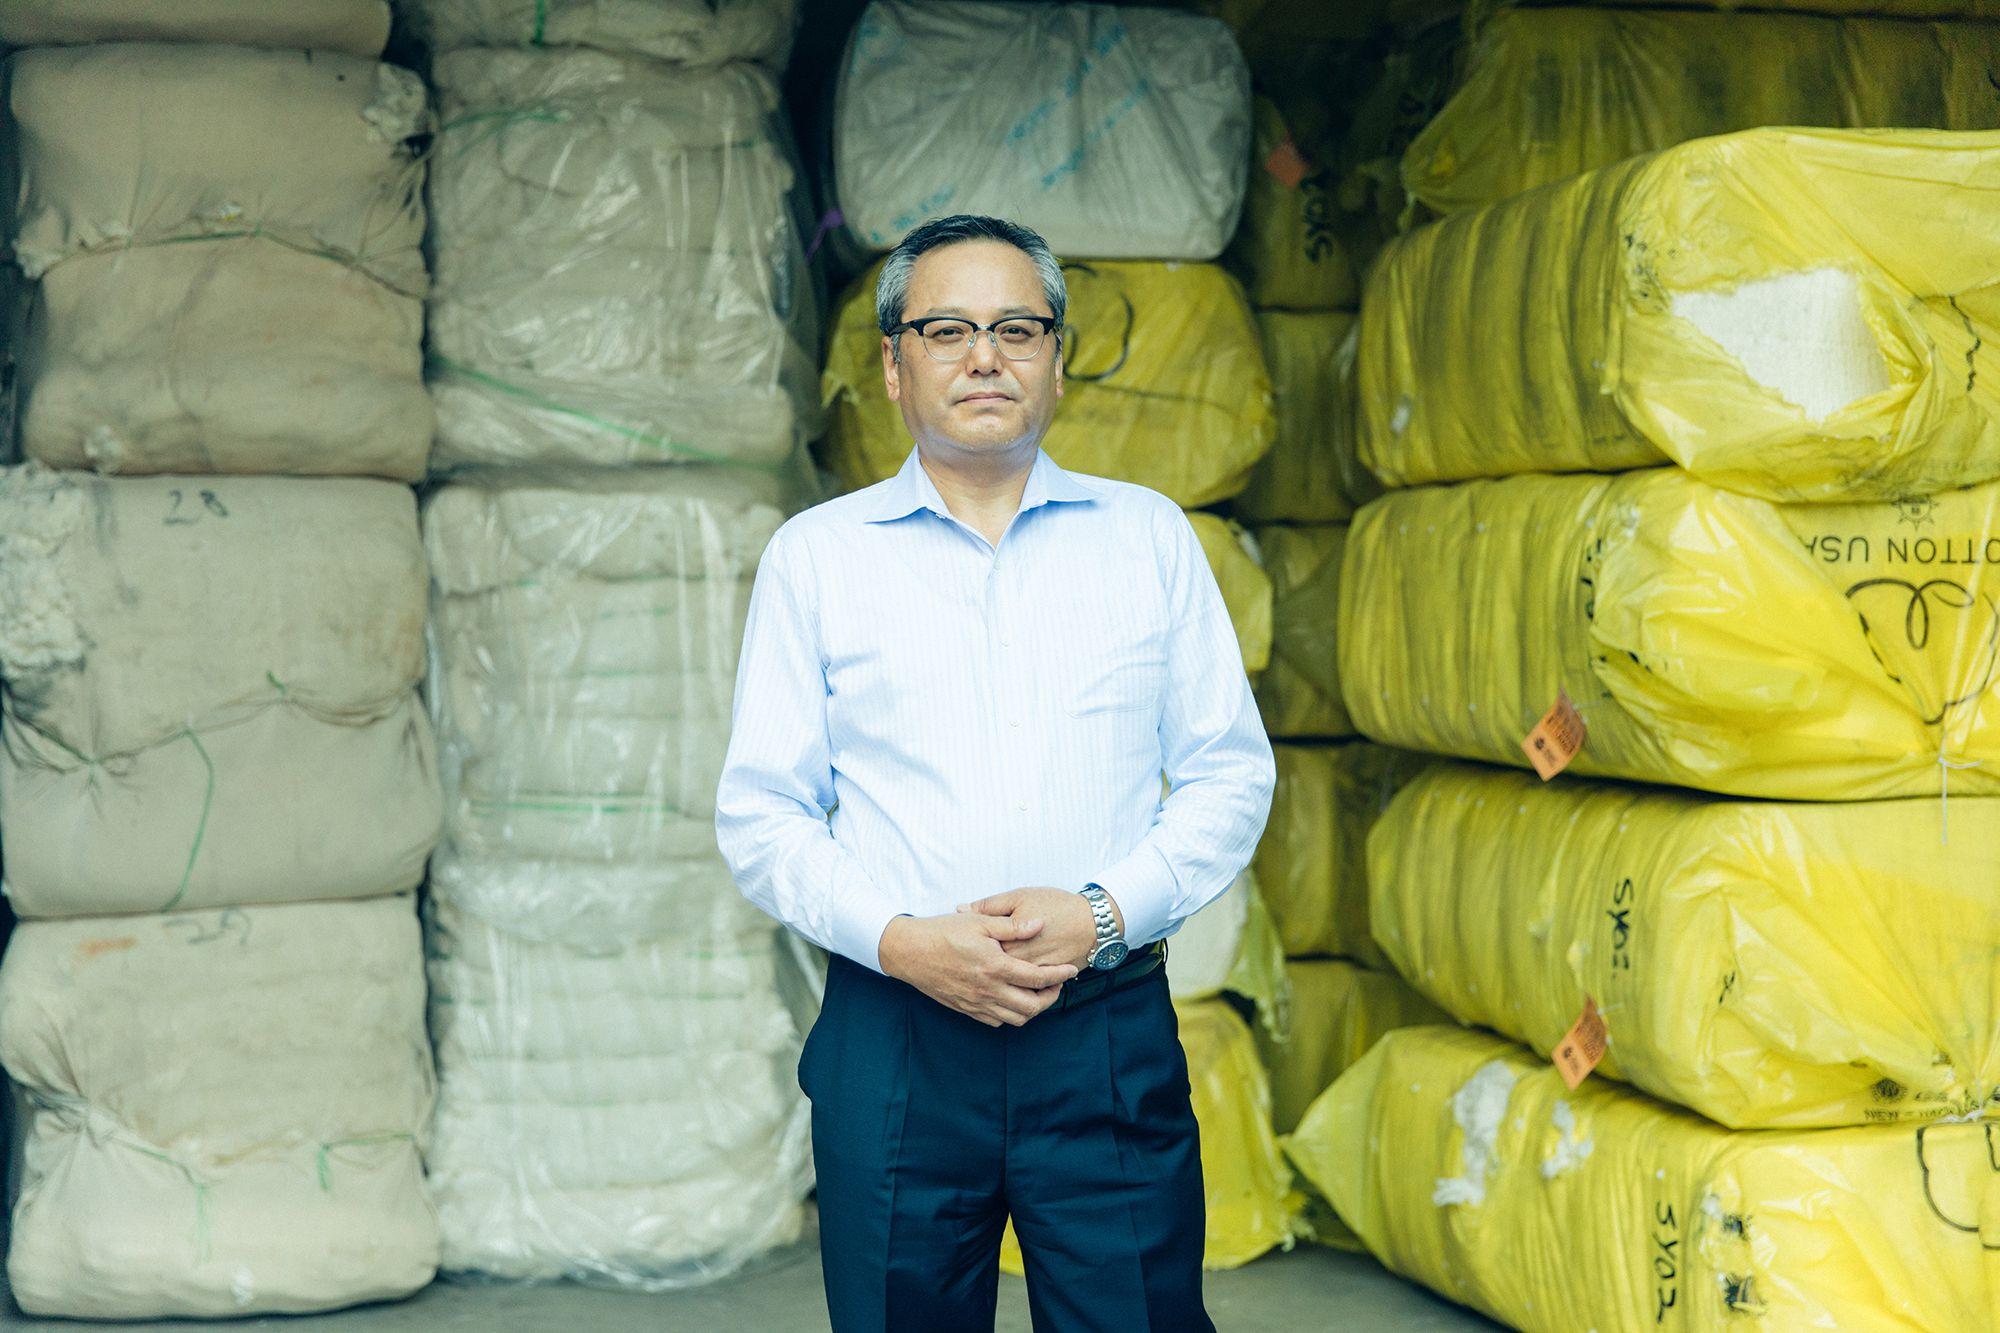 世界中から集められた原綿が詰まれた倉庫を案内してくれた、サンヨーコーポレーションを率いる小迫隆司。少年時代はパイロットに憧れていた小迫。生来、機械にたずさわることが好きだった。コットン製造への情熱は、原綿と製造機器、両方に注がれる。